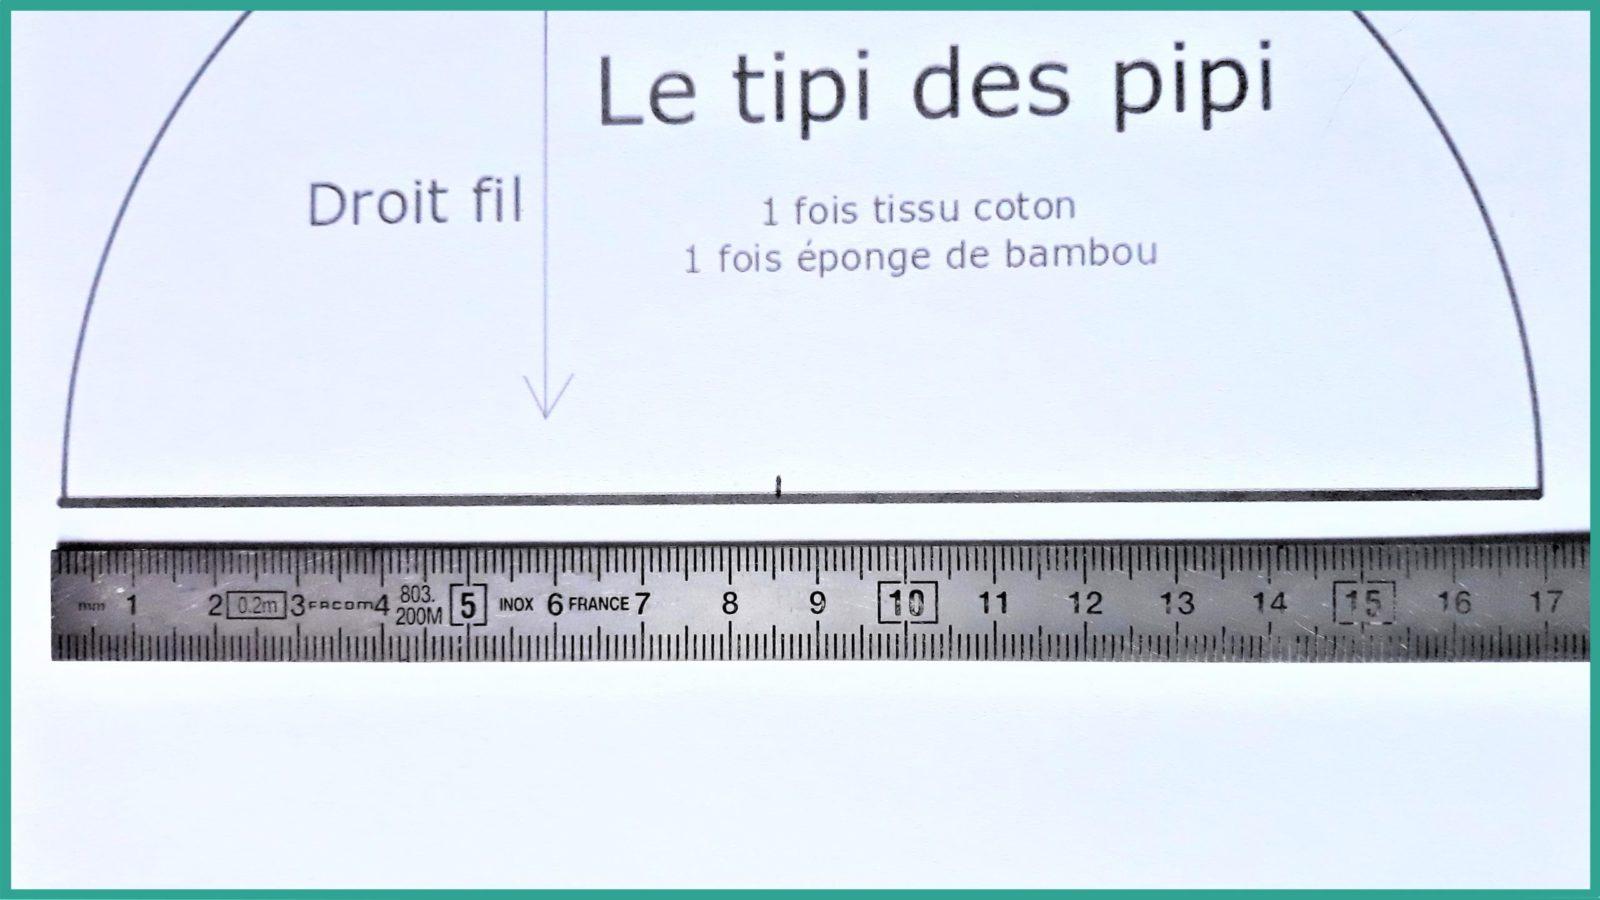 Tutoriel couture gratuit - Le tipi des pipi - La P'tite Main